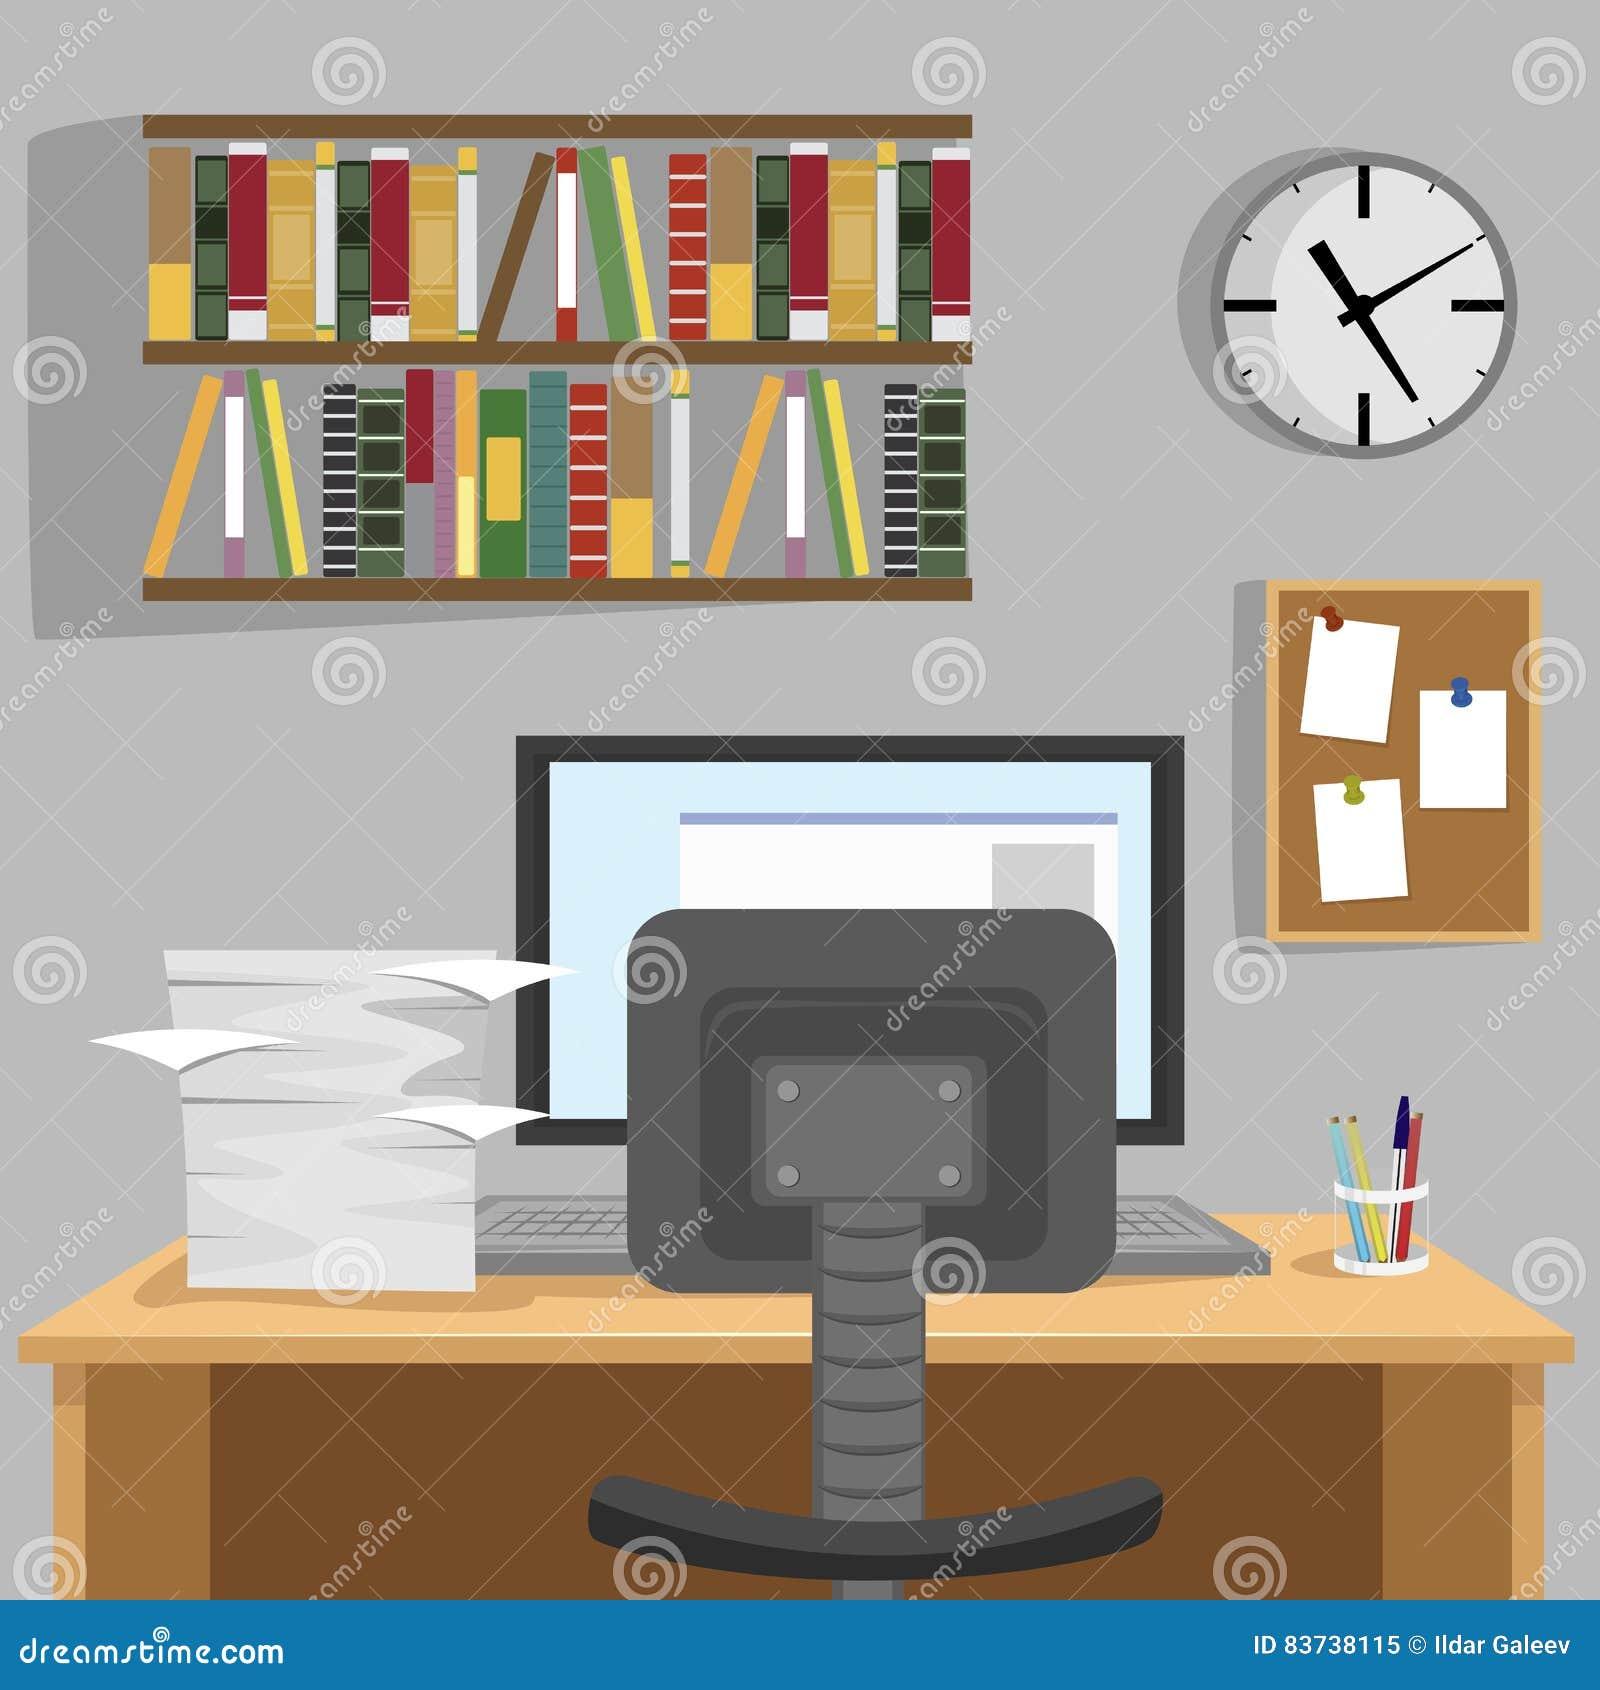 Entworfener Moderner Arbeitsplatz Zu Hause Mit Schreibtisch, Monitor ...